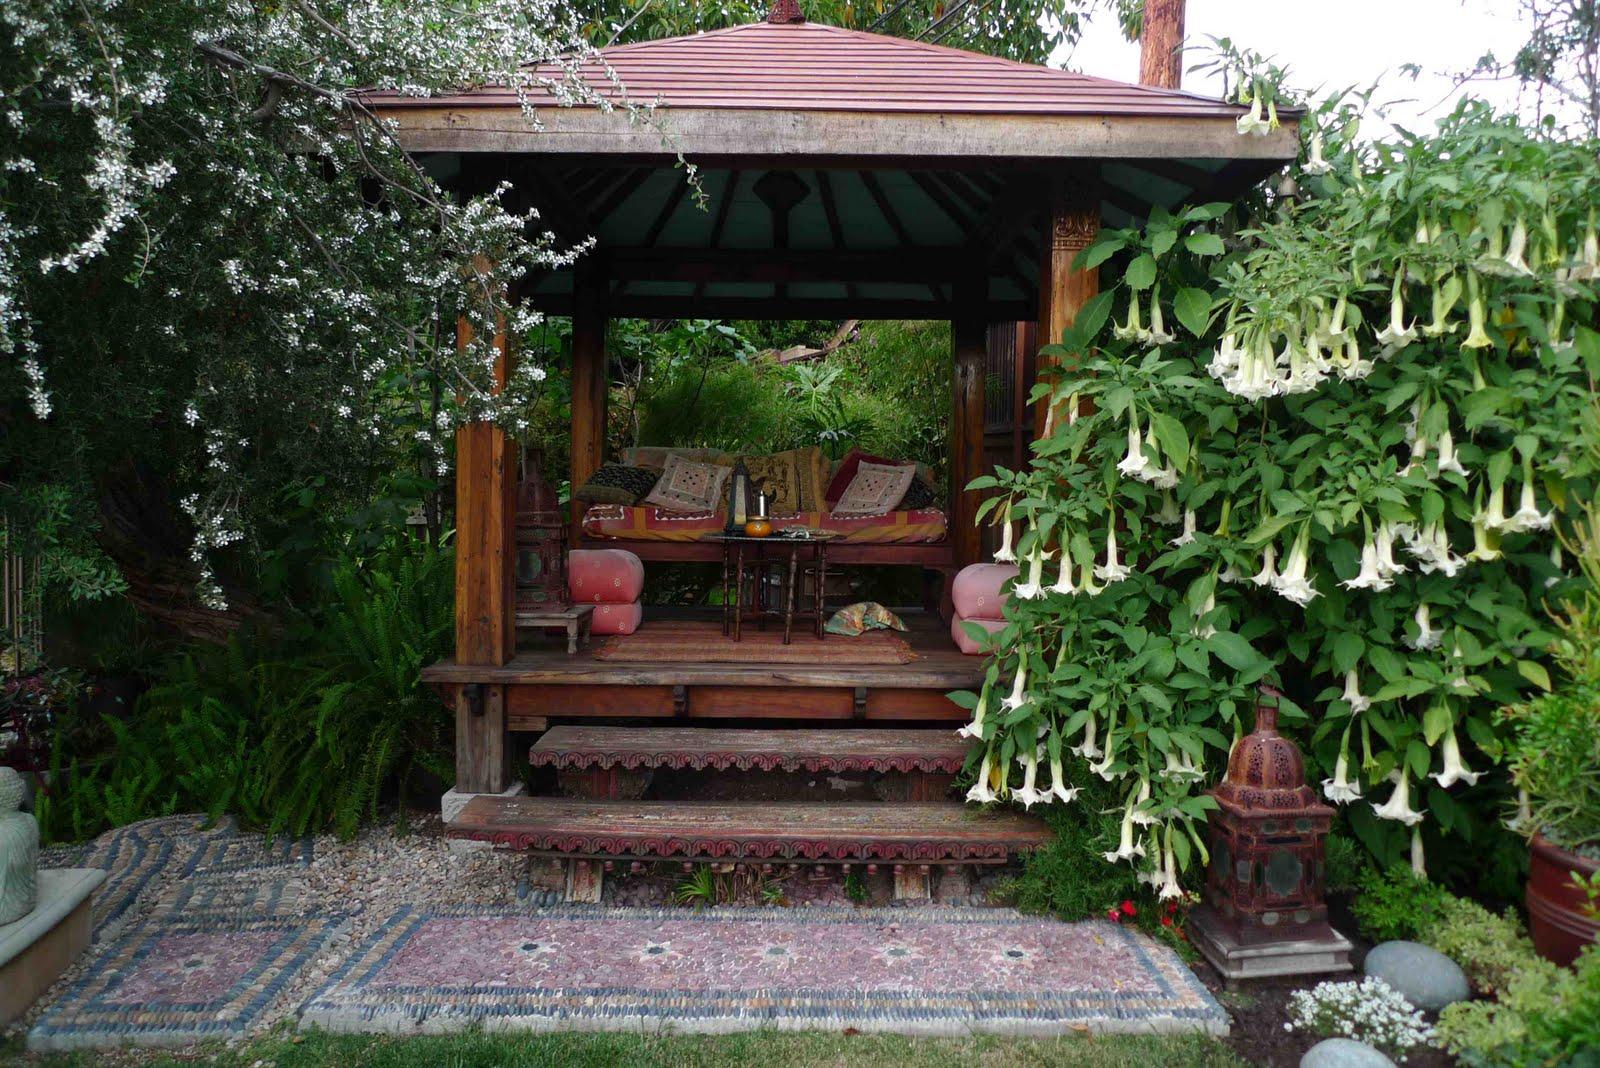 Jeffrey Baleu0027s World Of Gardens: The Sunken Garden, Los Angeles